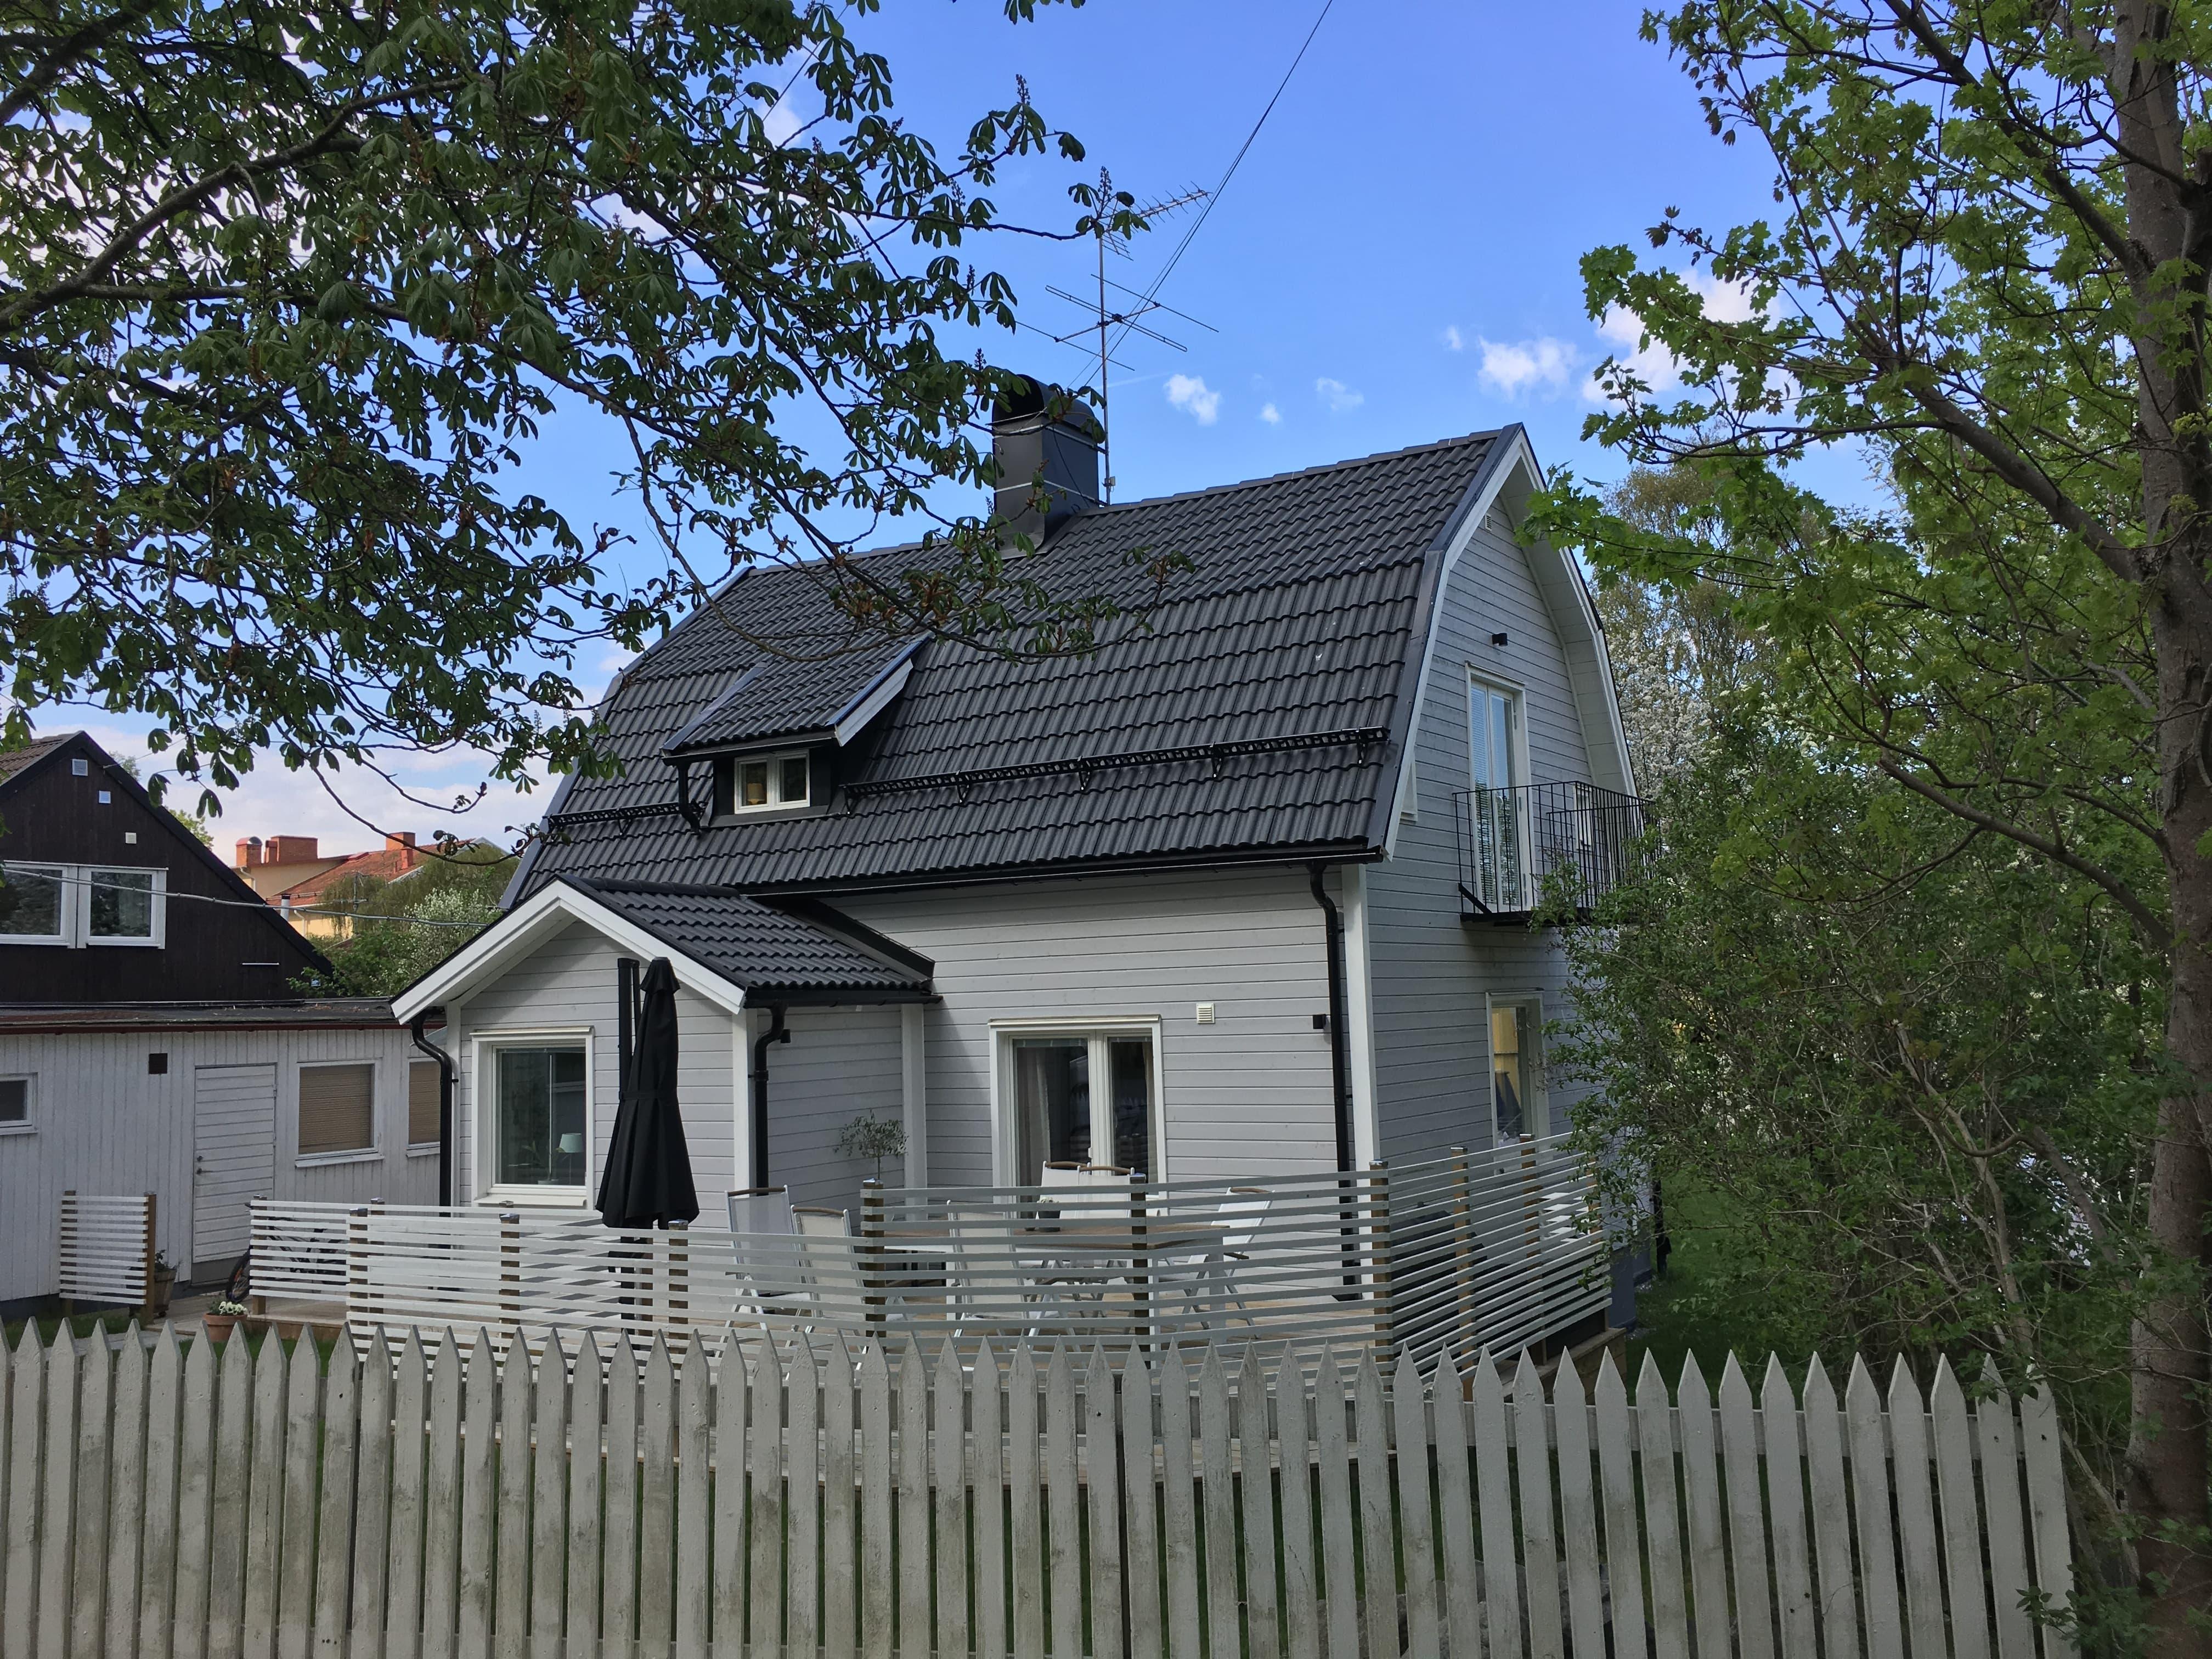 Fasadrenovering StockholmTilläggsisolering av yttervägg och fasad.